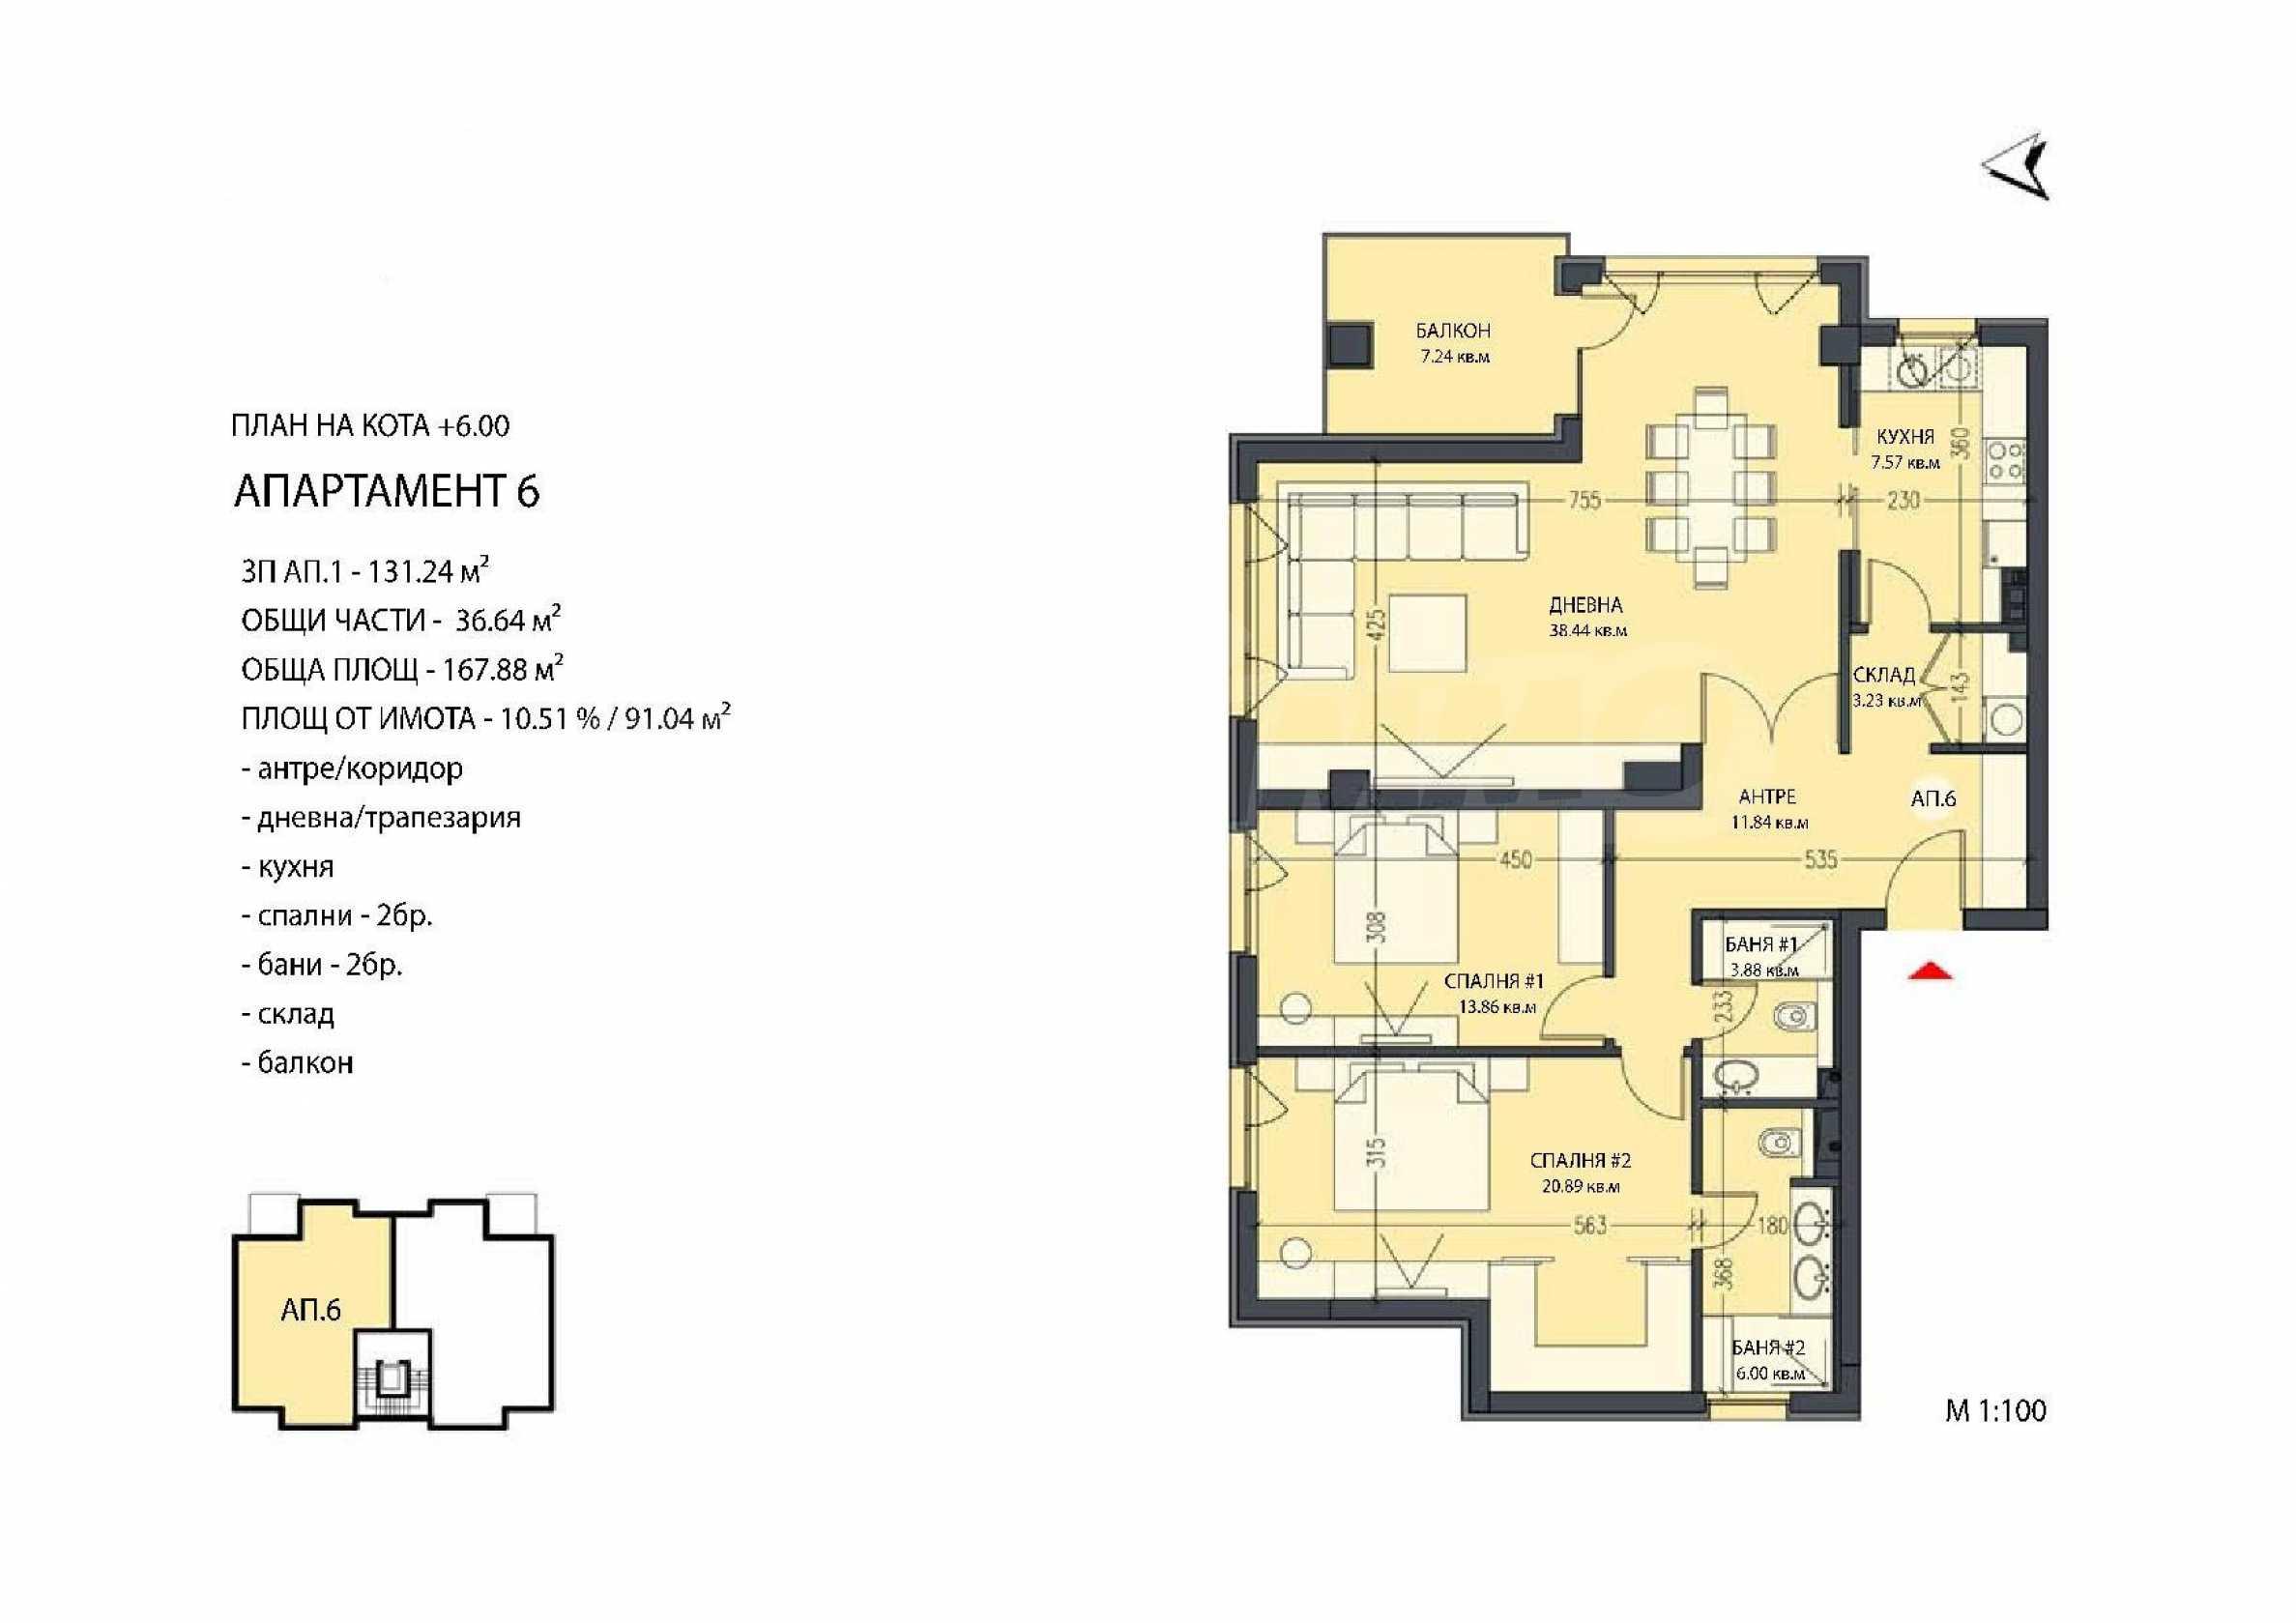 Тристаен апартамент в малка бутикова сграда в кв. Бояна 5